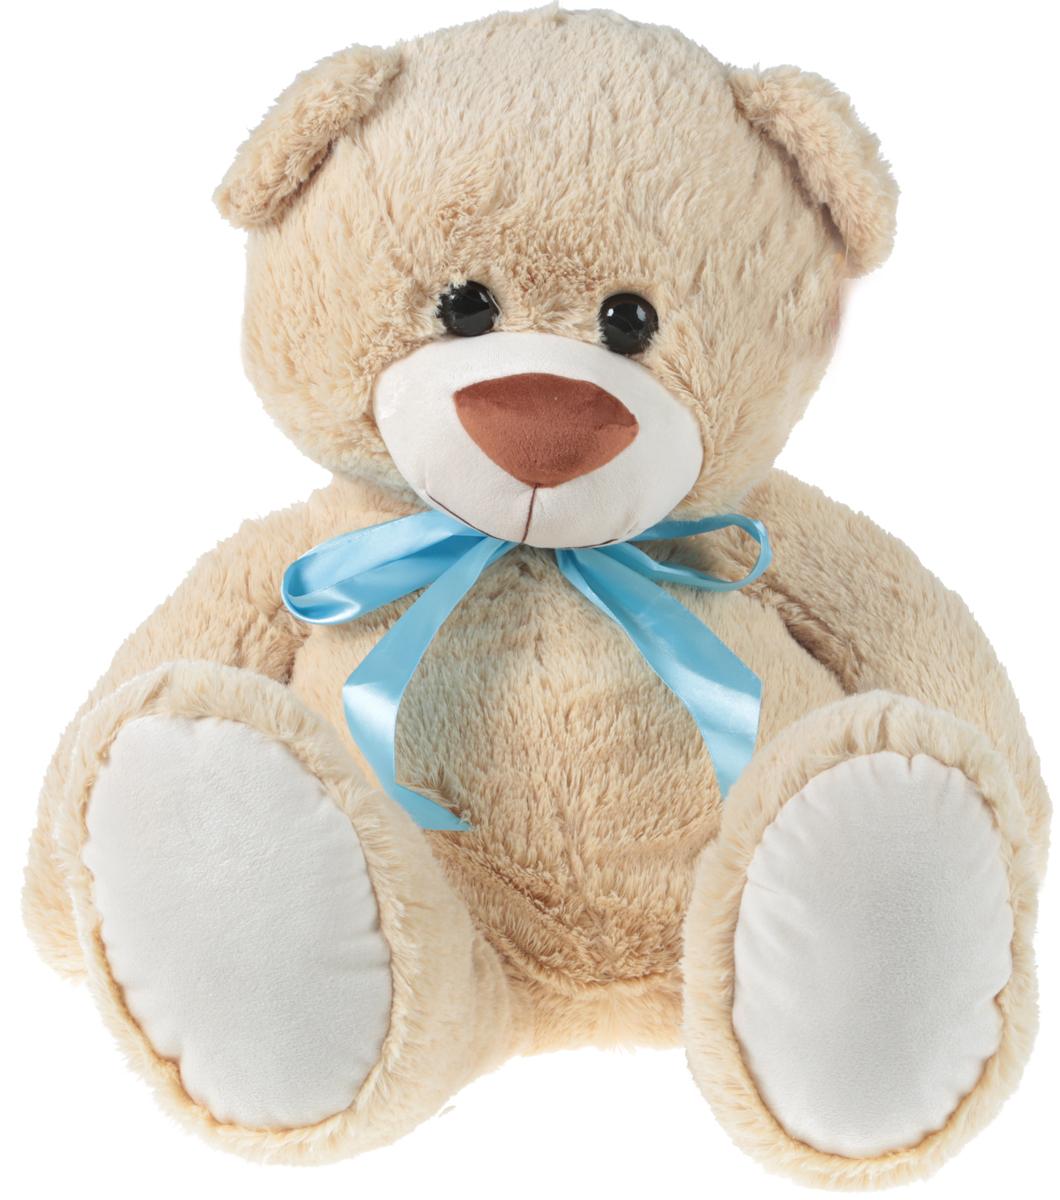 СмолТойс Мягкая игрушка Мишка цвет бежевый с бантиком 70 см смолтойс мягкая игрушка зайка даша цвет салатовый 41 см